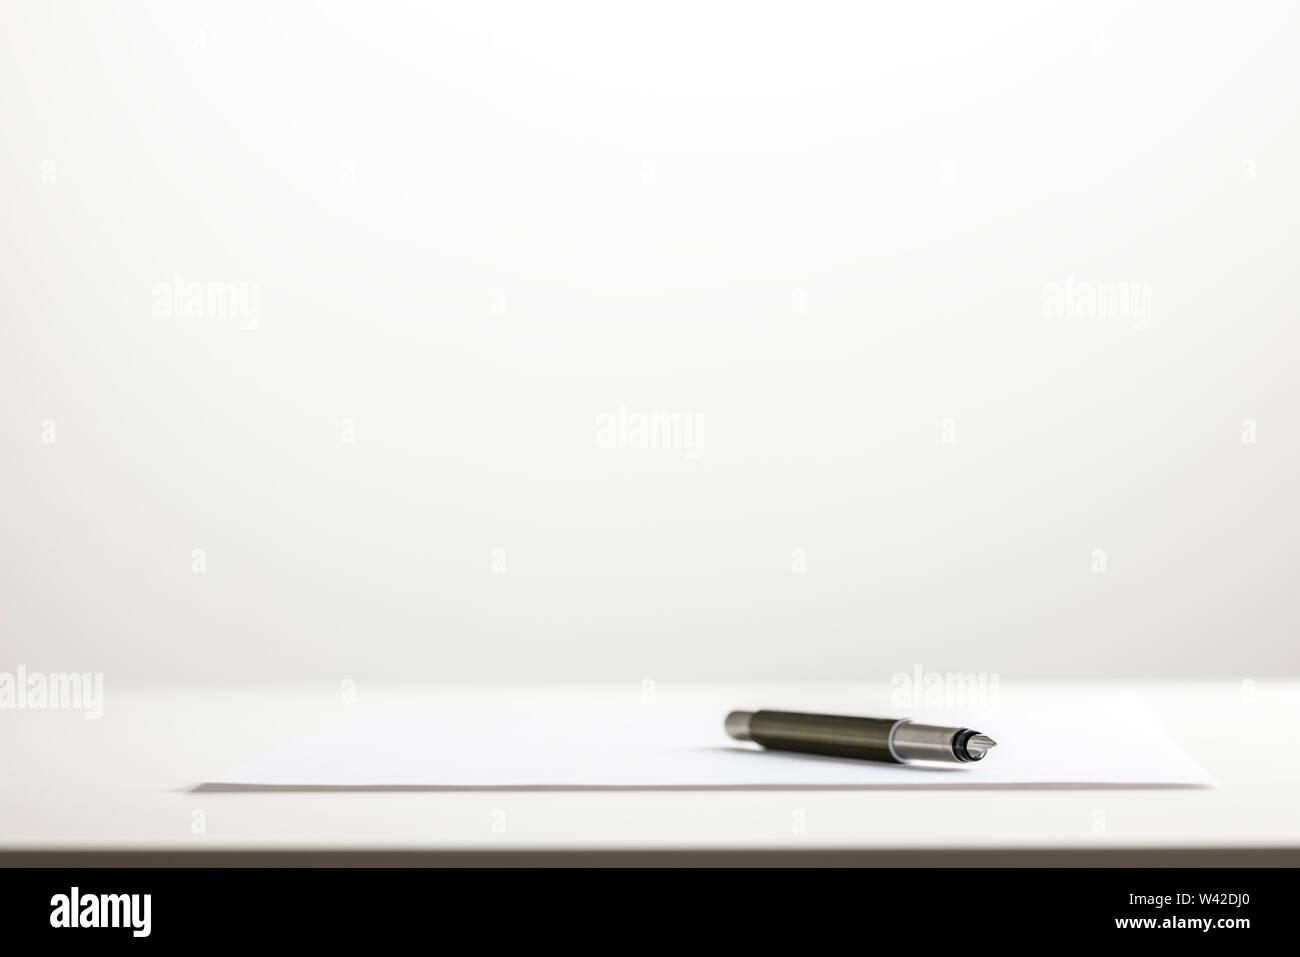 Basso angolo vista di una penna su un foglio di carta bianca carta su un desktop di bianco con un bianco muro bianco in background con abbondanza di copyspace. Immagini Stock